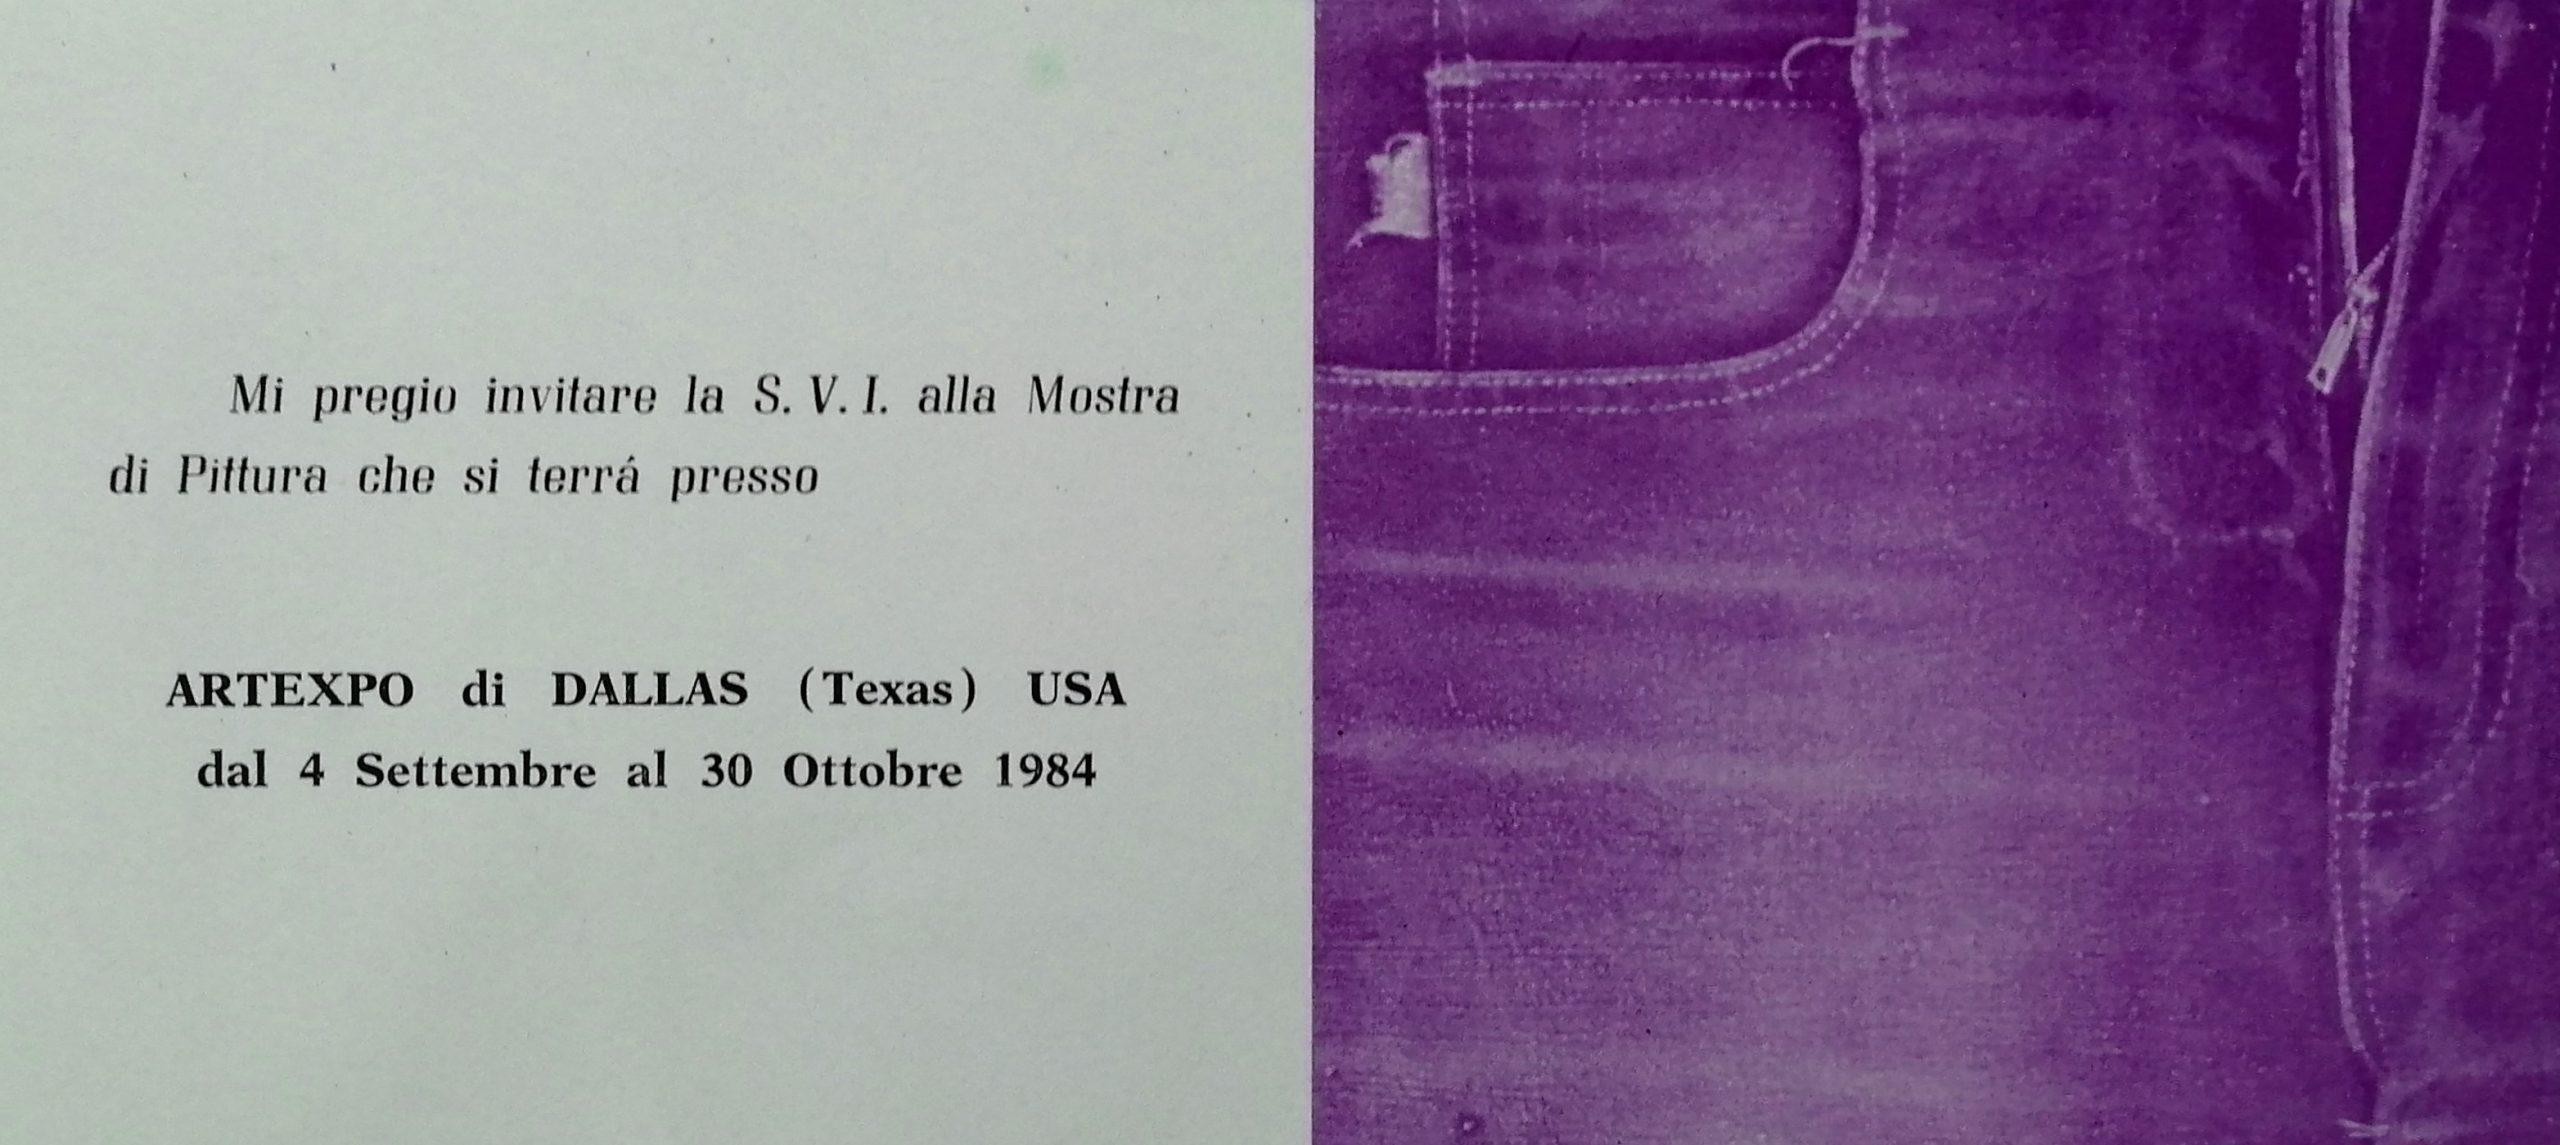 1984 Artexpo Dallas Texas scaled - Bibliography/ Catalogues